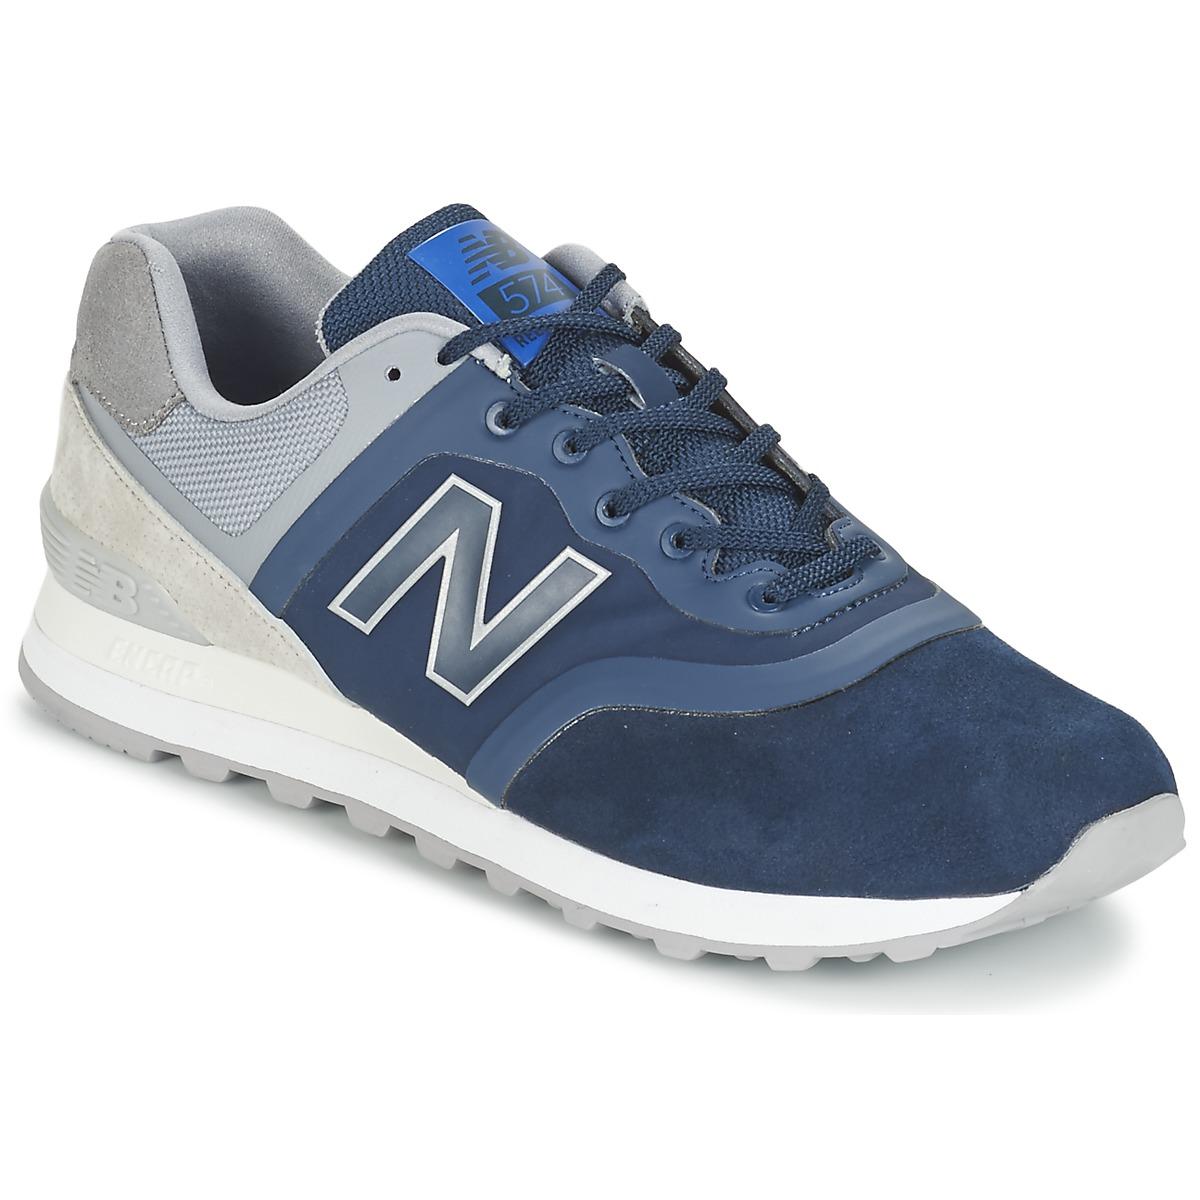 New Balance MTL574 Bleu / Gris